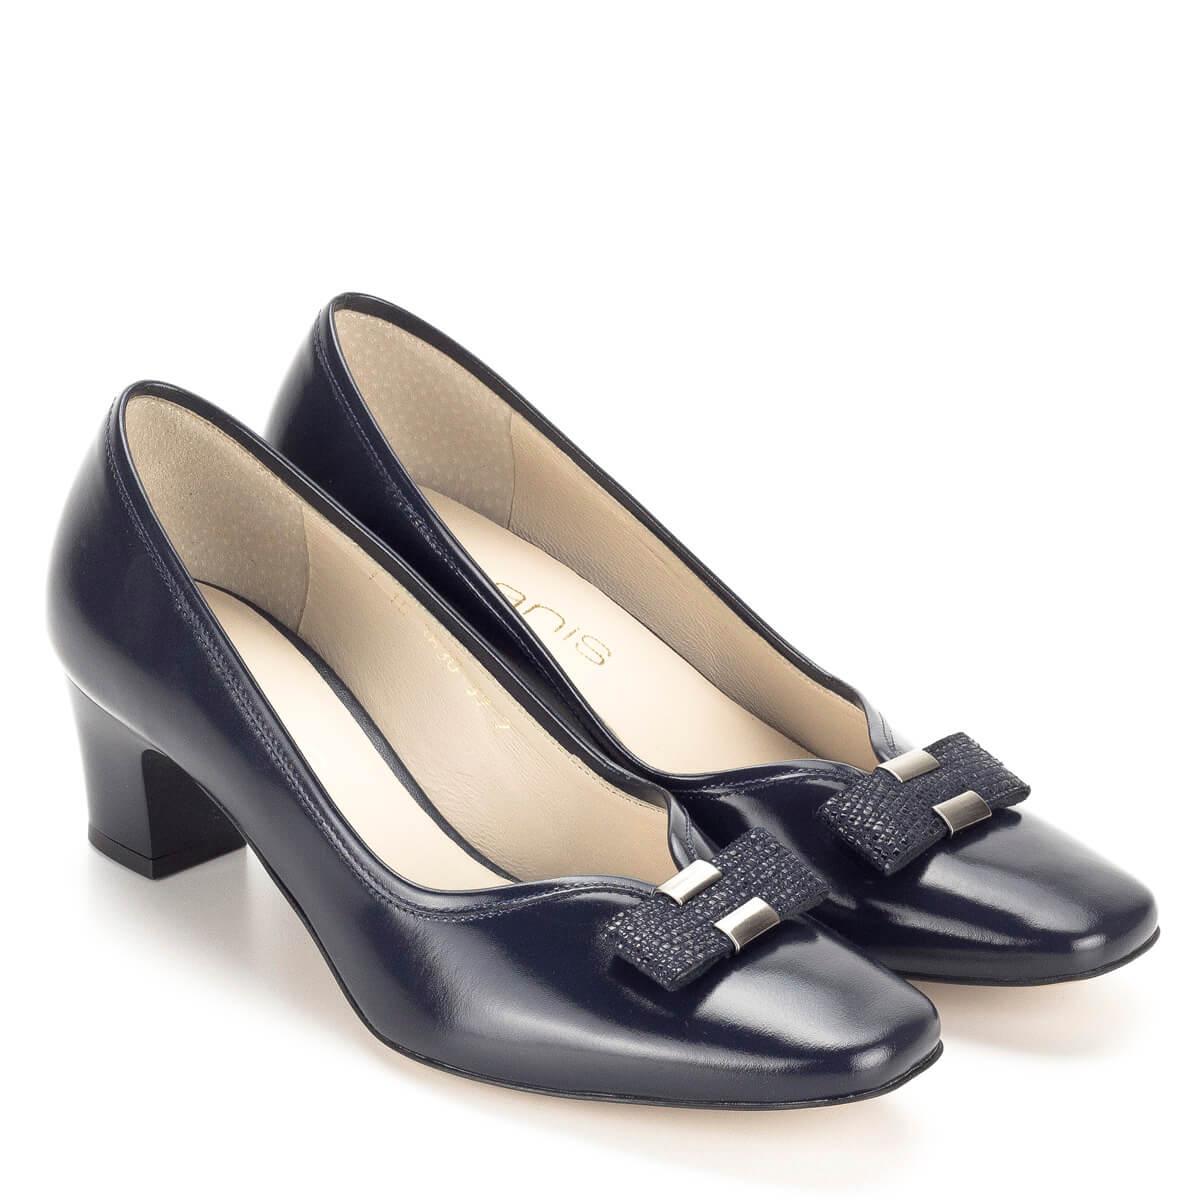 Bőr cipő - Márkás bőr cipők ingyenes szállítással. Bőr cipő online. ca81808755